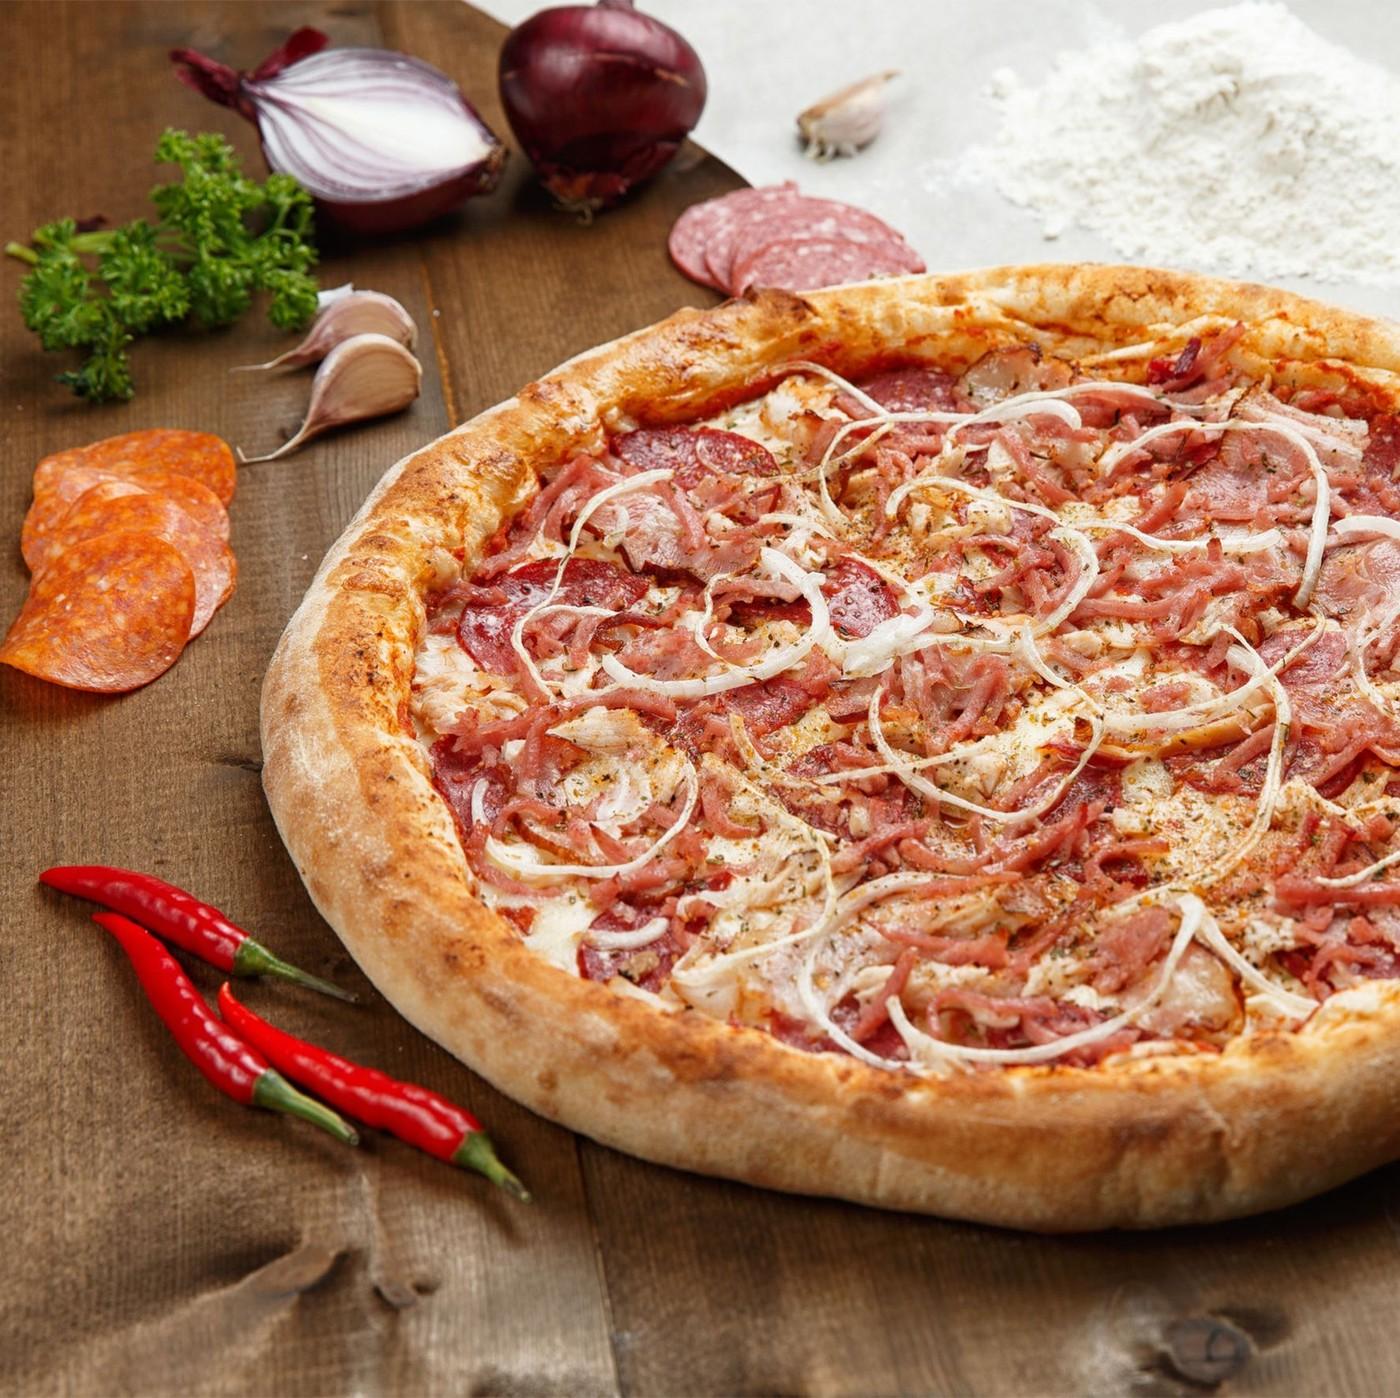 receta de Mozzarella Fior Di Late A Cubetti Congelada